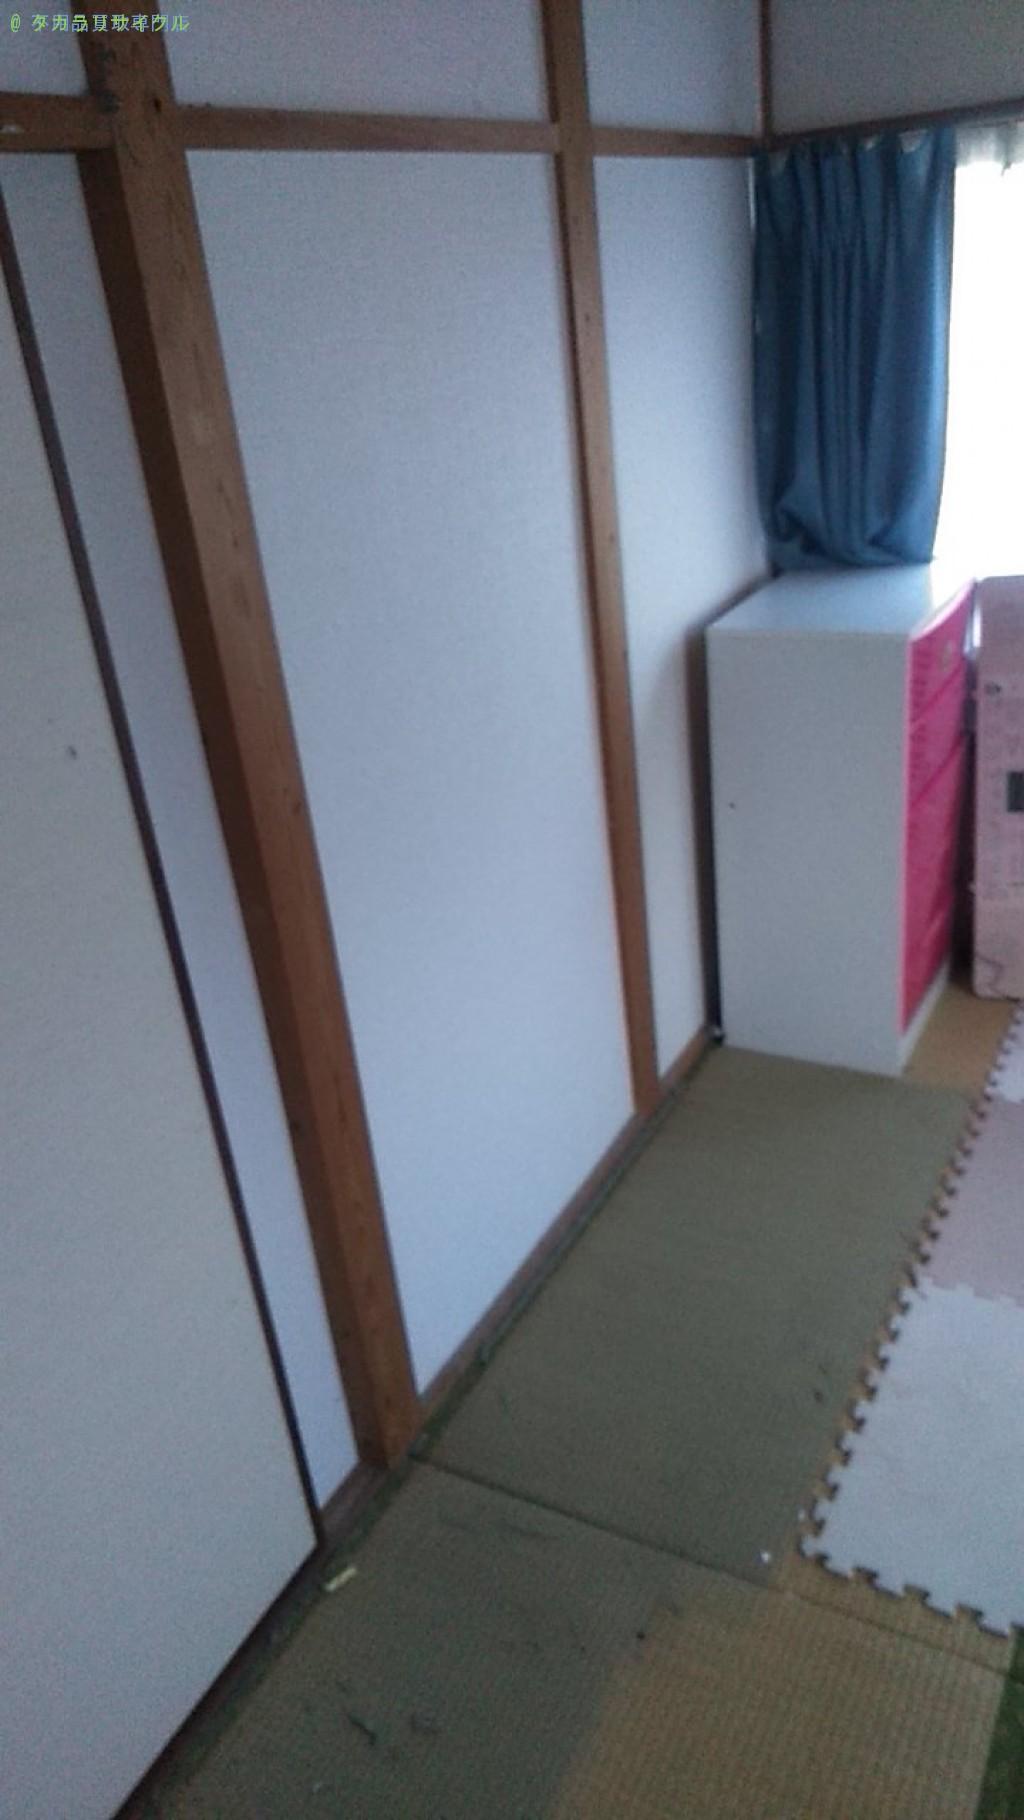 【松山市立花】タンス・ソファの処分・回収のご依頼者さま